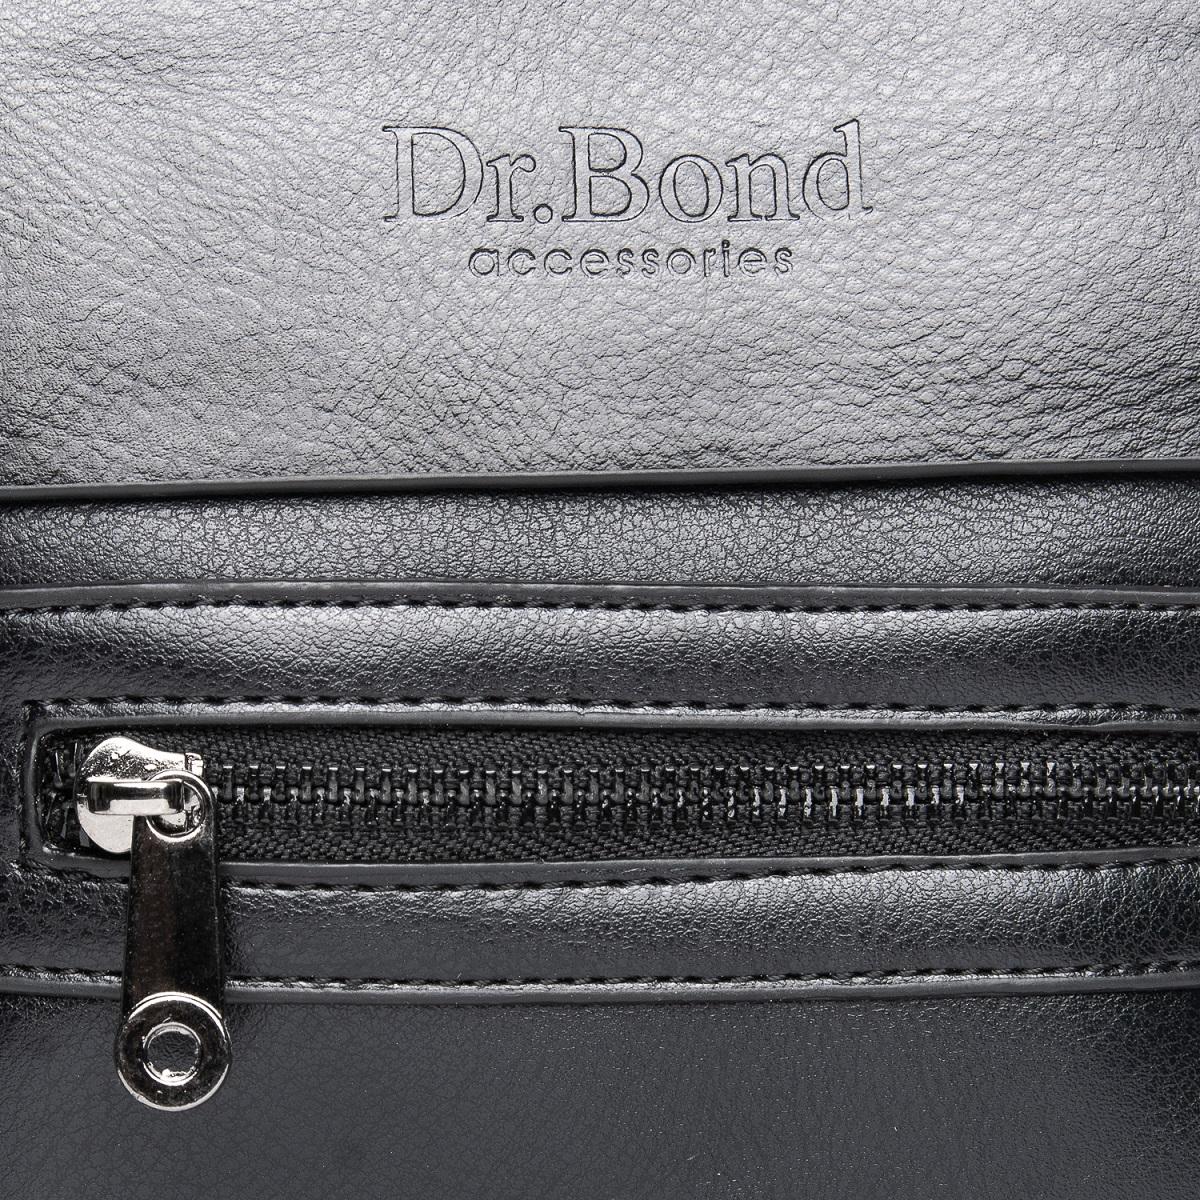 Сумка Мужская Планшет иск-кожа DR. BOND GL 315-0 black - фото 3